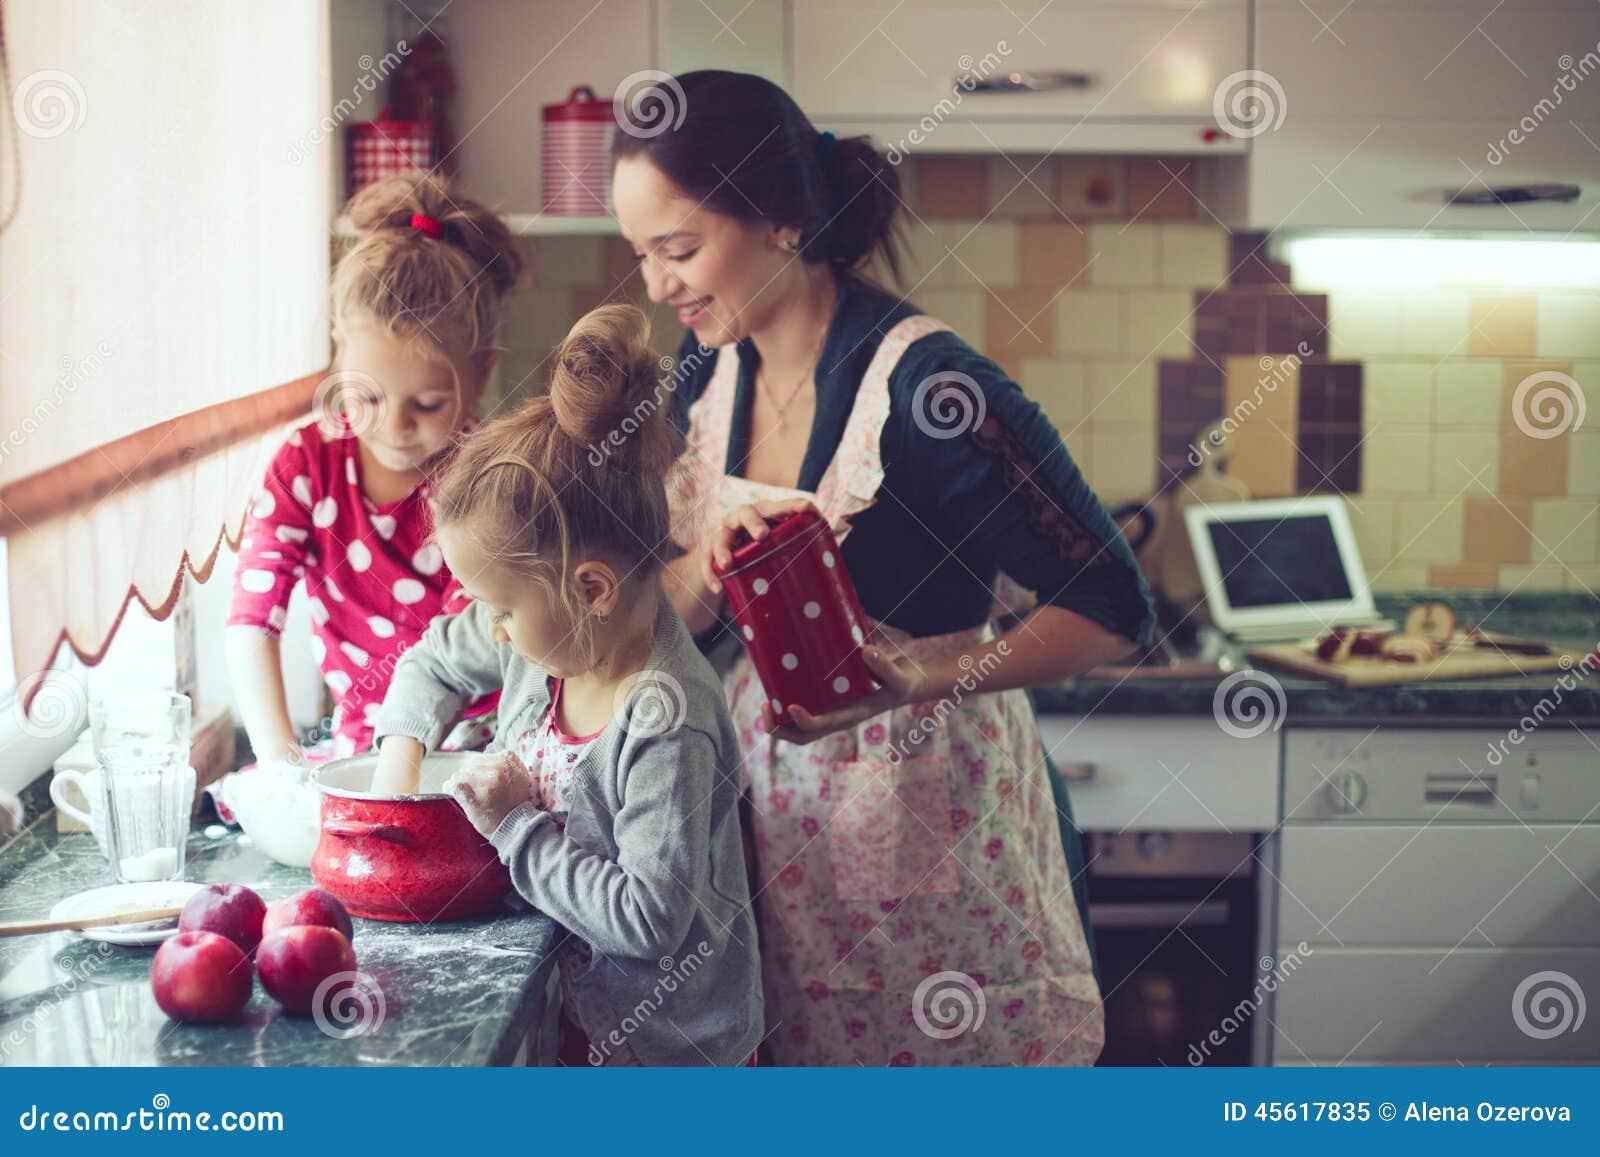 Μητέρα με τα παιδιά στην κουζίνα